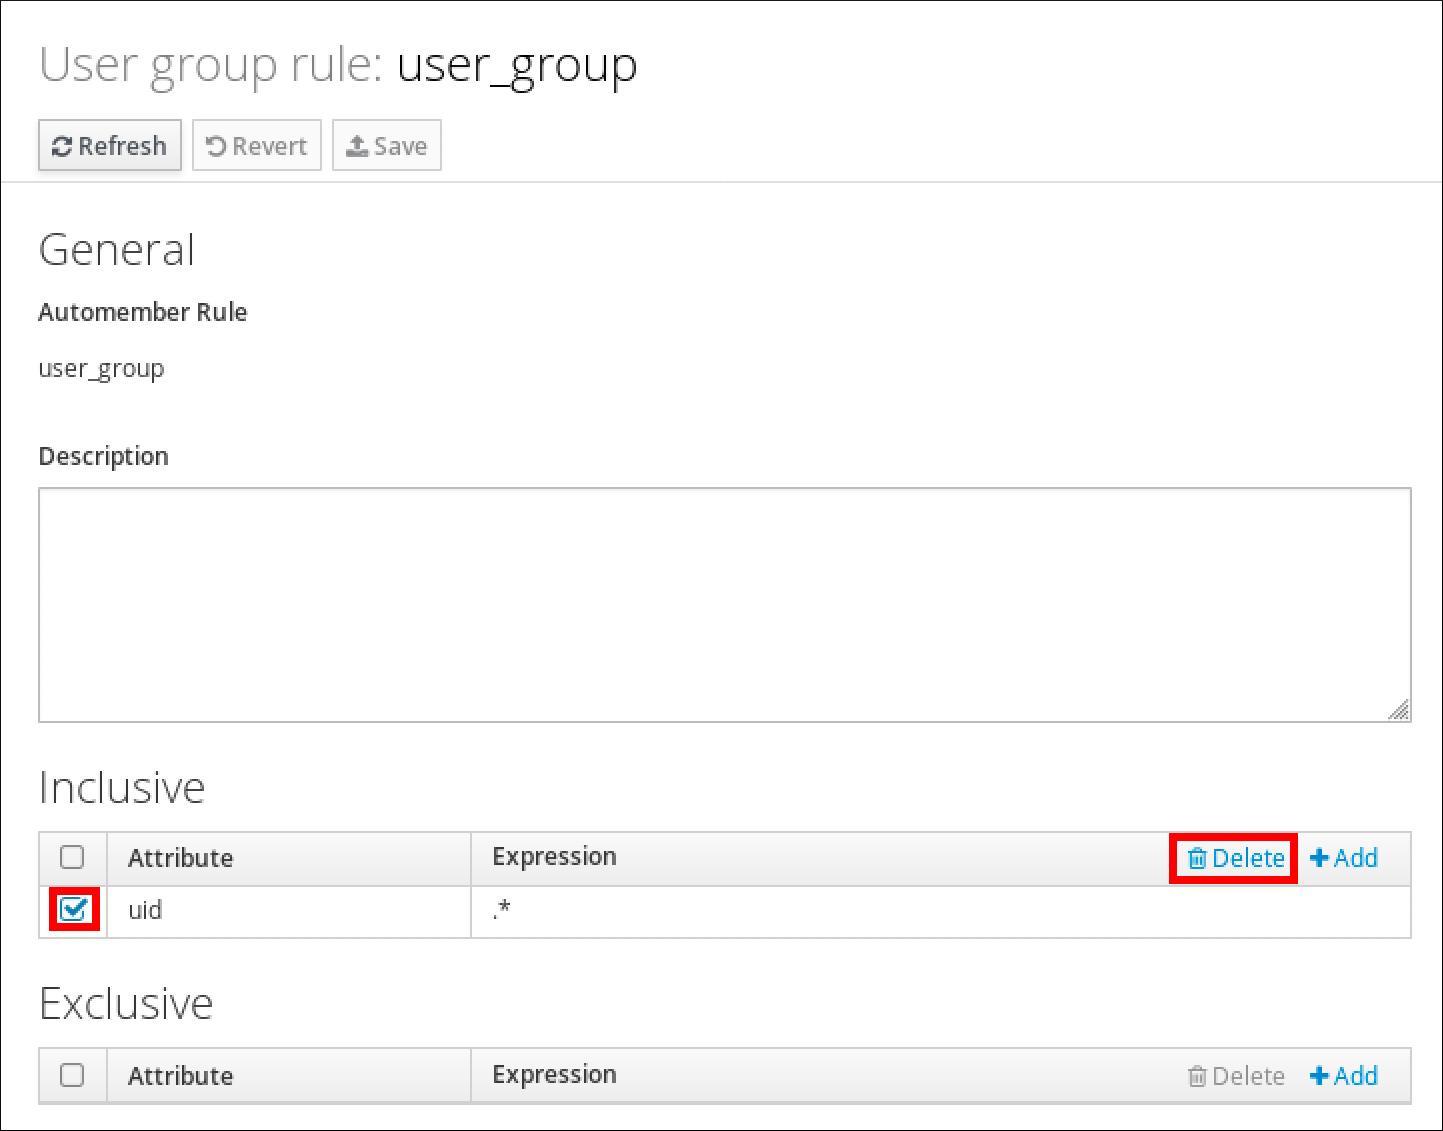 """显示""""user_group""""信息的""""User group rule""""页面截图。""""Inclusive""""部分中的条目选中了复选框,并突出显示与""""Inclusive""""部分相关的""""删除""""按钮。"""